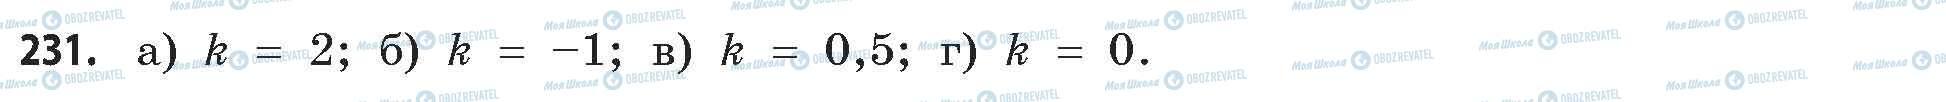 ГДЗ Математика 11 клас сторінка 231